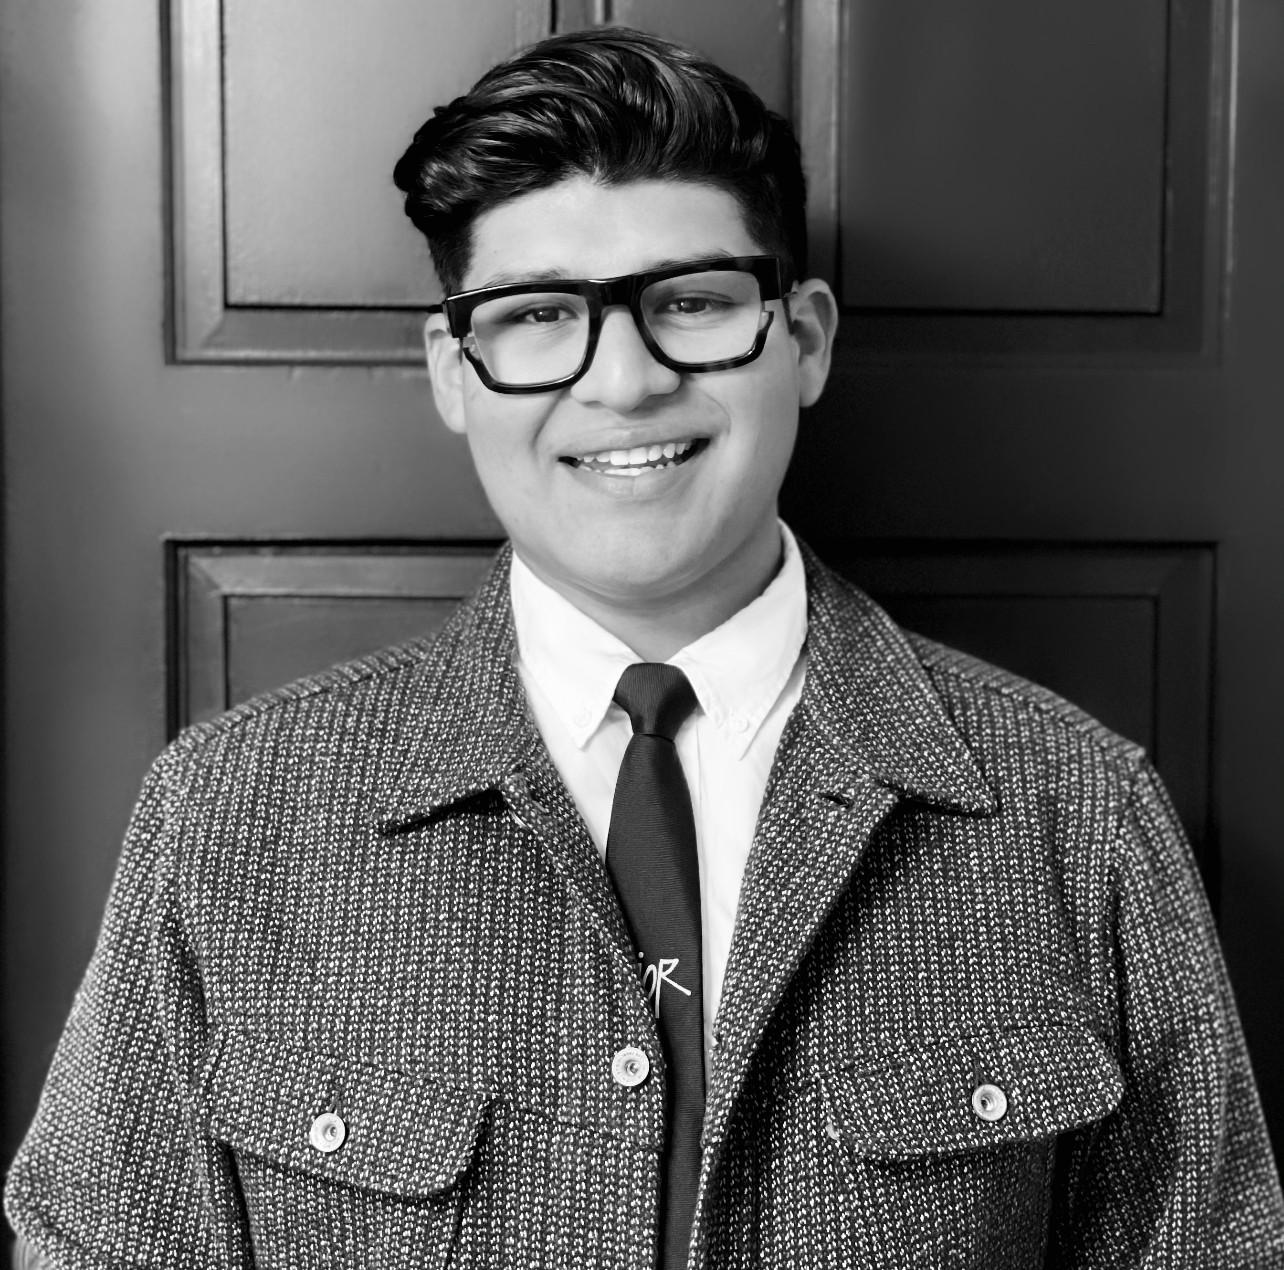 Enrique Escobar, Staging + Design Coordinator